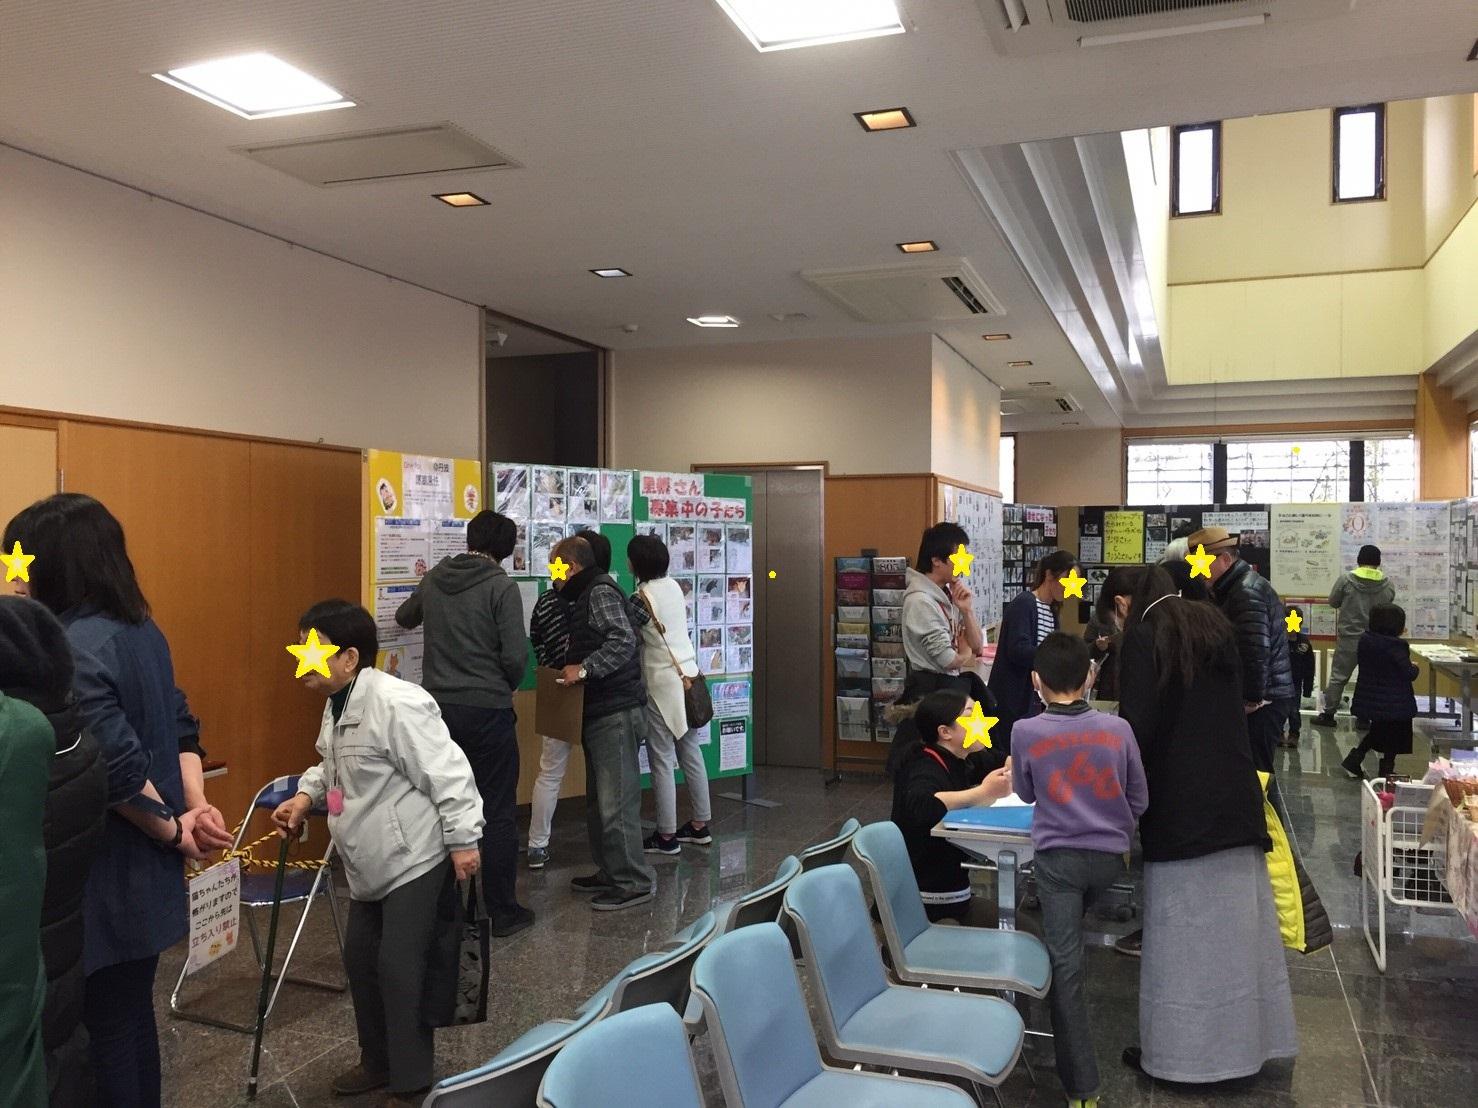 20171119譲渡会_16blog用